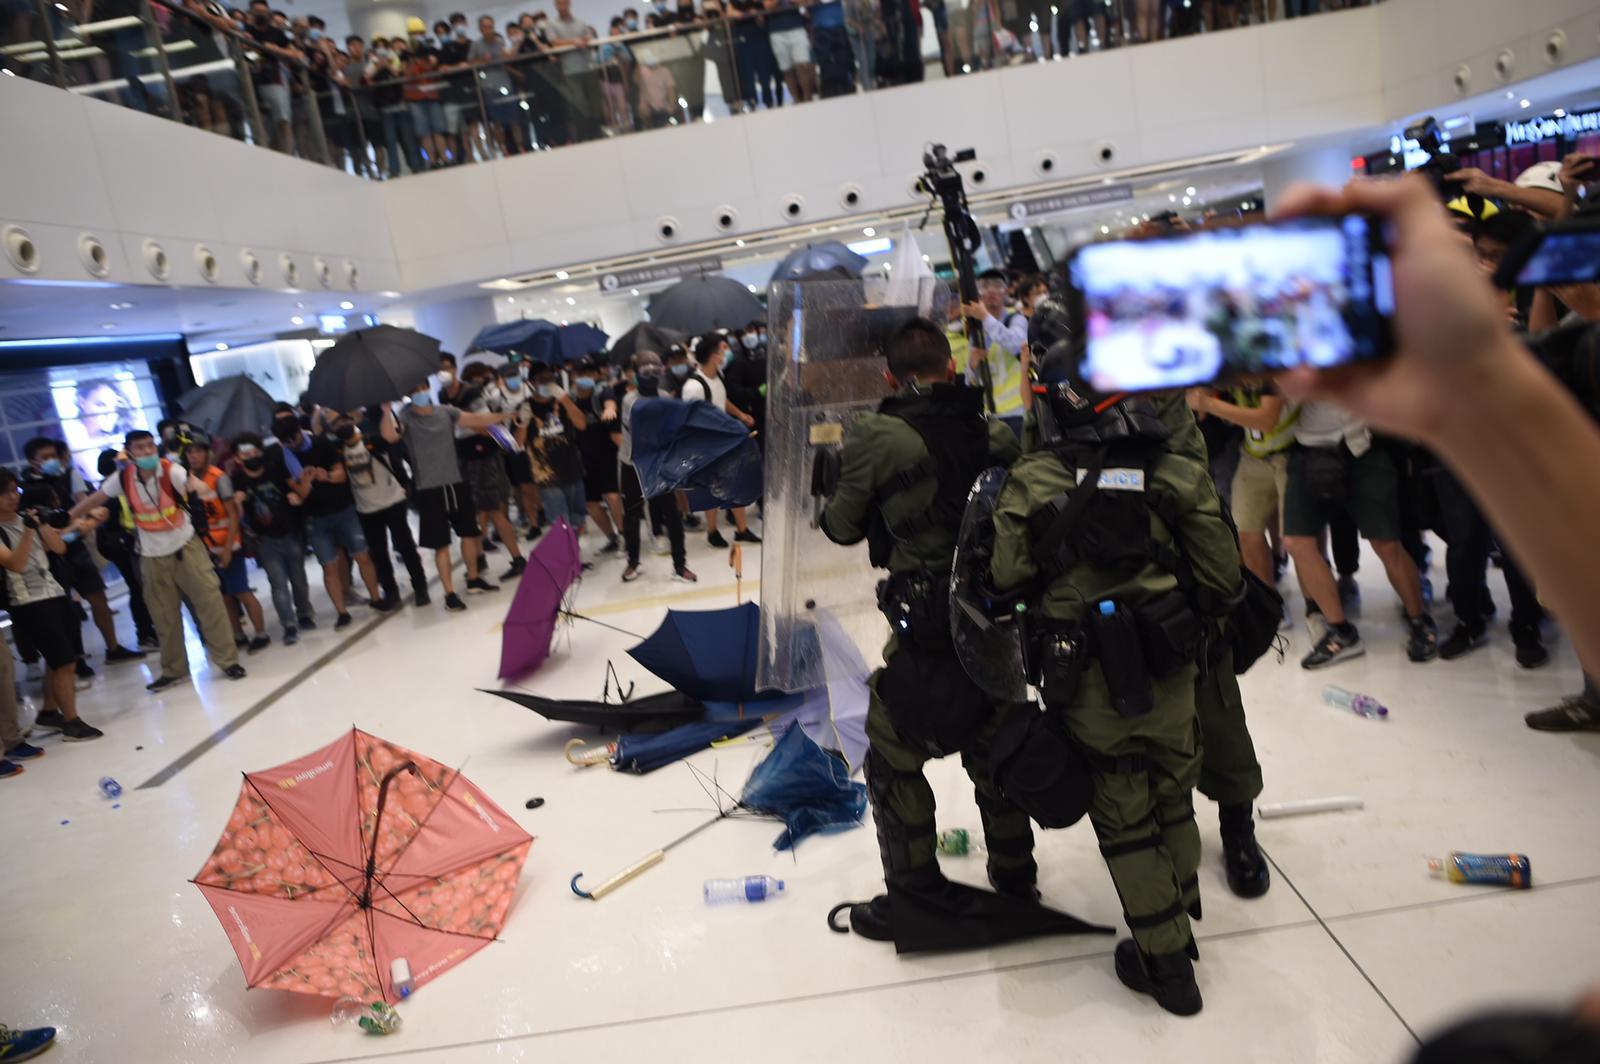 新城市廣場周日發生激烈流血衝突。資料圖片